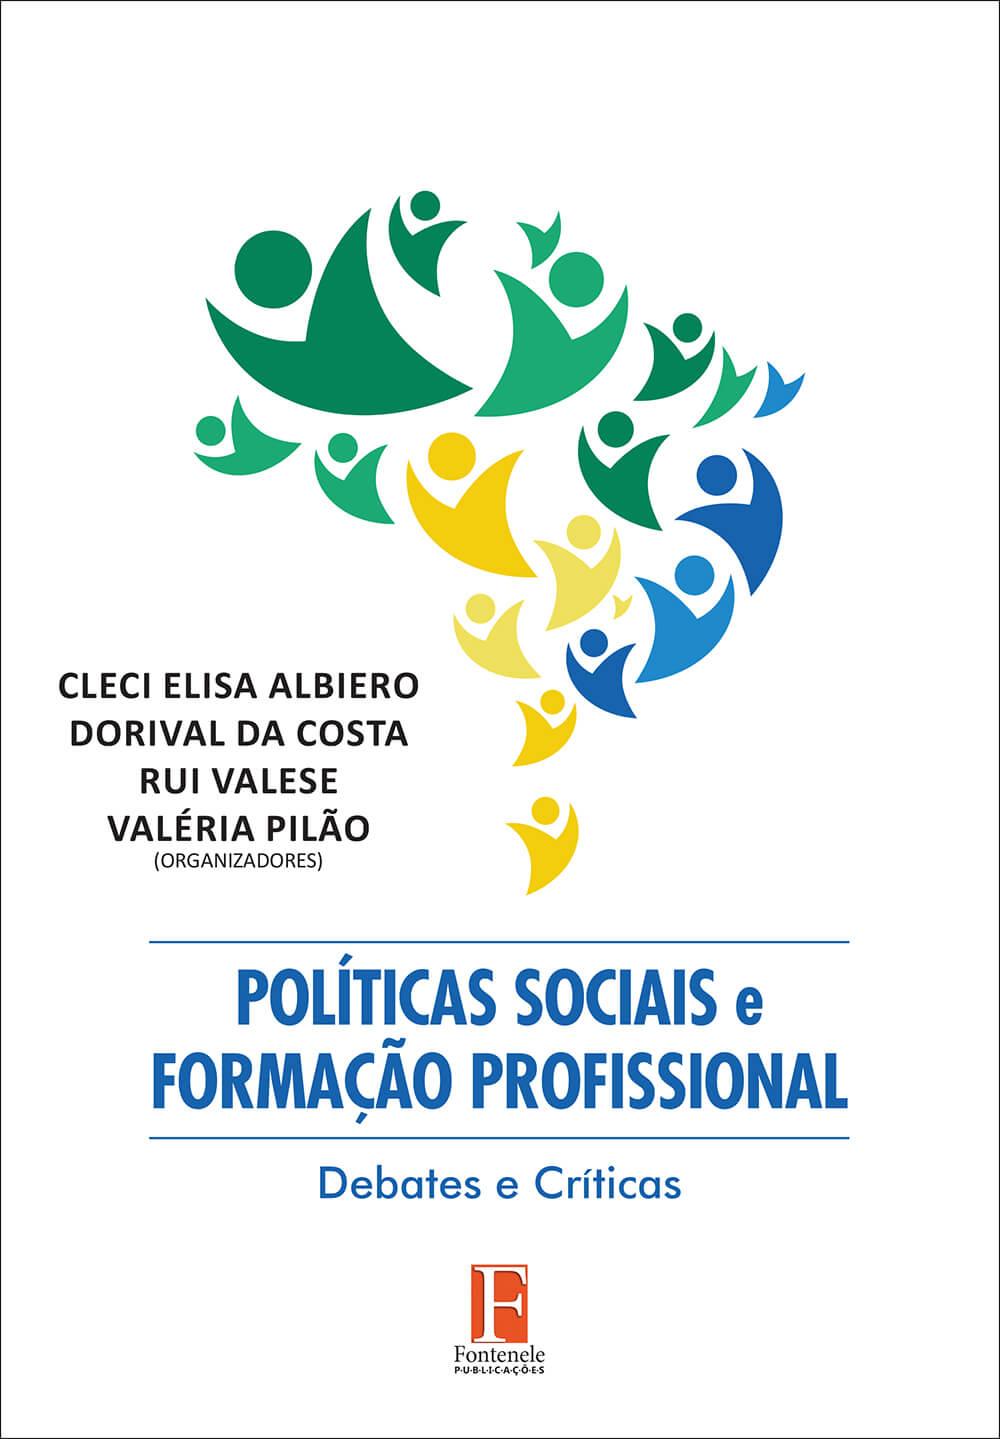 Fontenele Publicações / 11 95150-3481 / 11  95150-4383 POLÍTICAS SOCIAIS E FORMAÇÃO PROFISSIONAL: DEBATES E CRÍTICAS